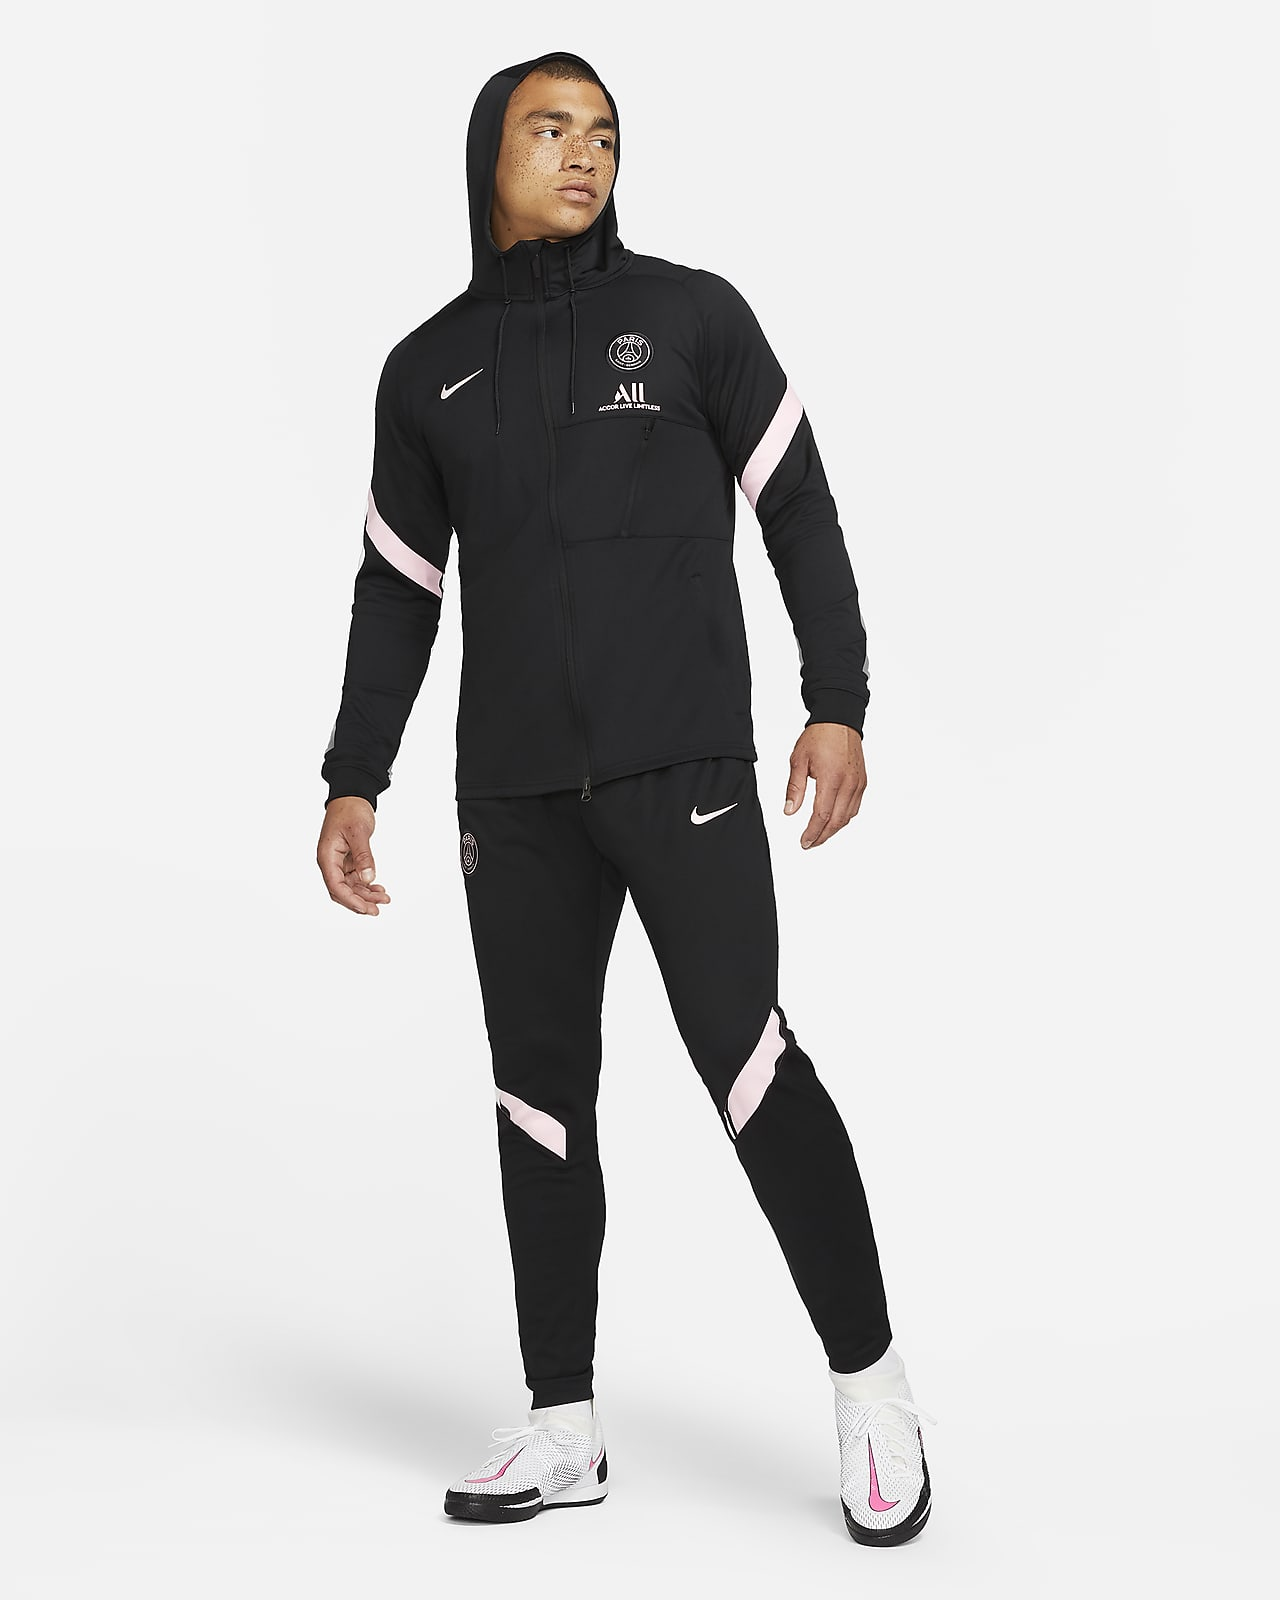 Fato de treino de futebol Nike Dri-FIT do equipamento alternativo Strike Paris Saint-Germain para homem